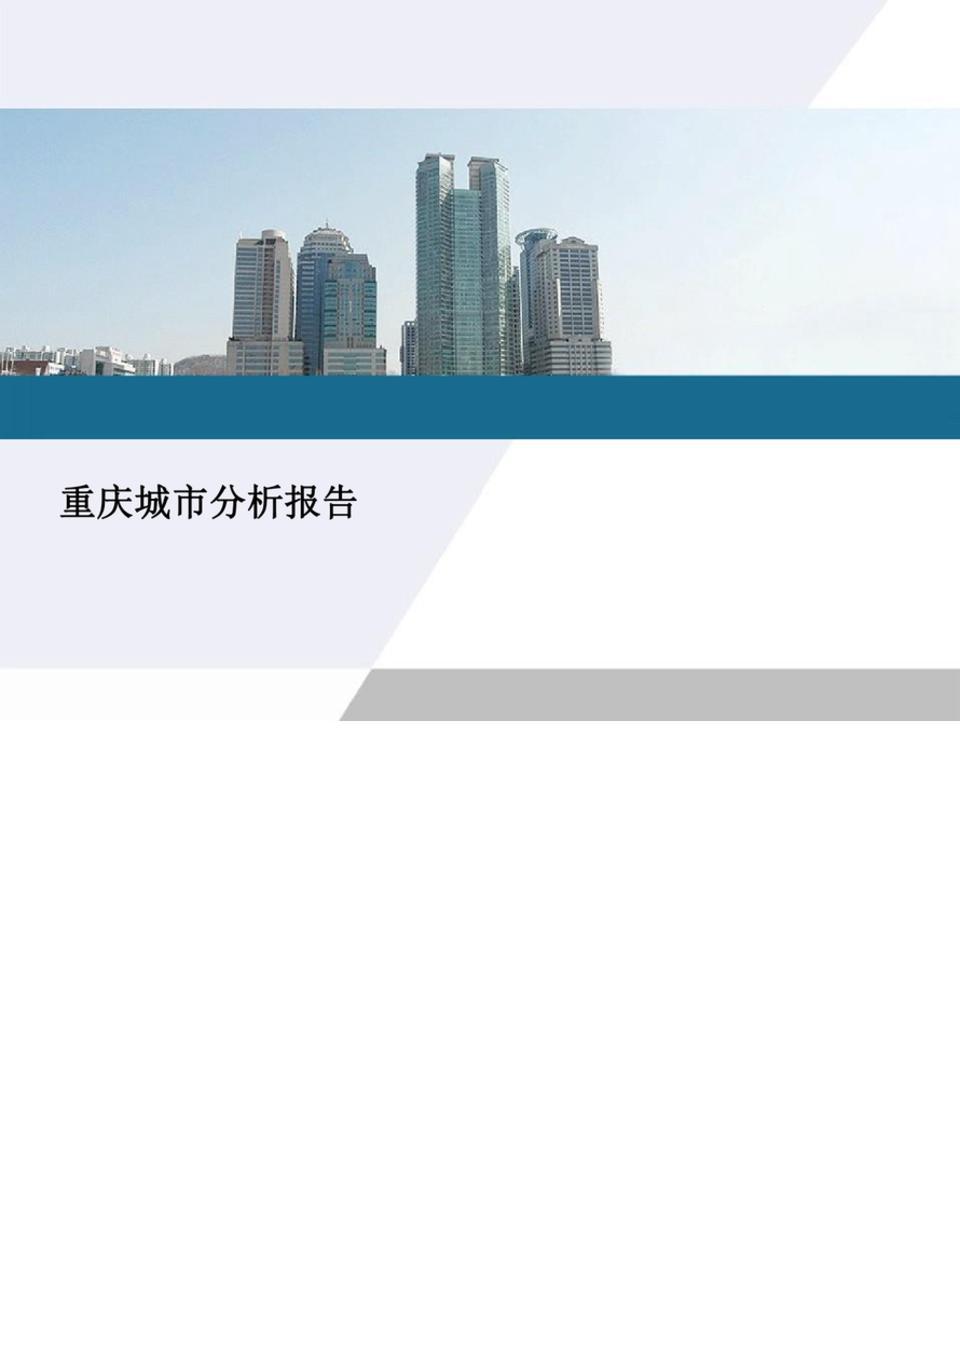 重庆市市场分析报告.ppt